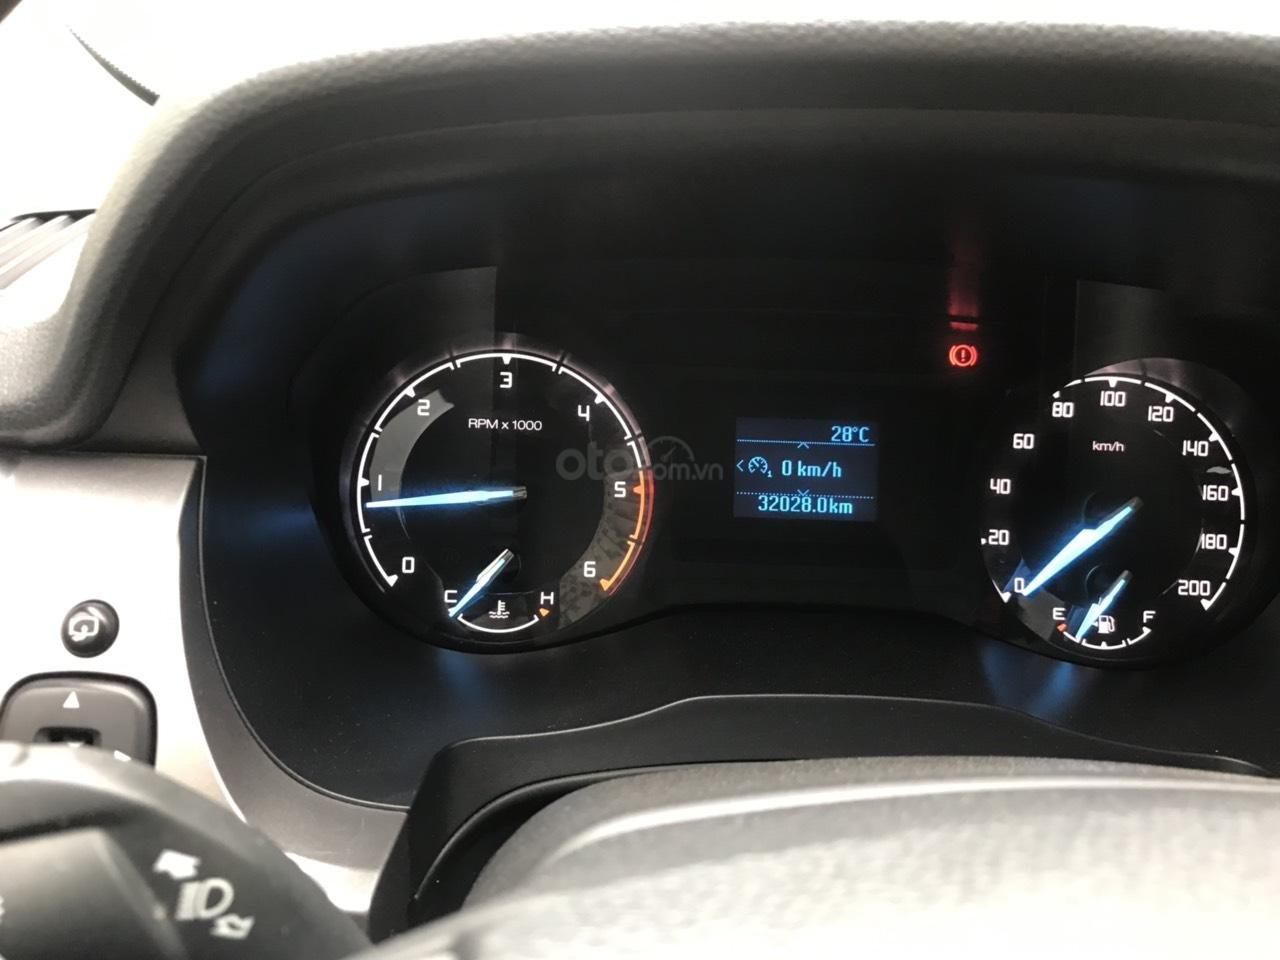 Tín Thành Auto- Ford Ranger XLT 2.2MT model 2016, trả góp lãi suất siêu thấp, liên hệ: Mr. Vũ Văn Huy: 097.171.8228-11